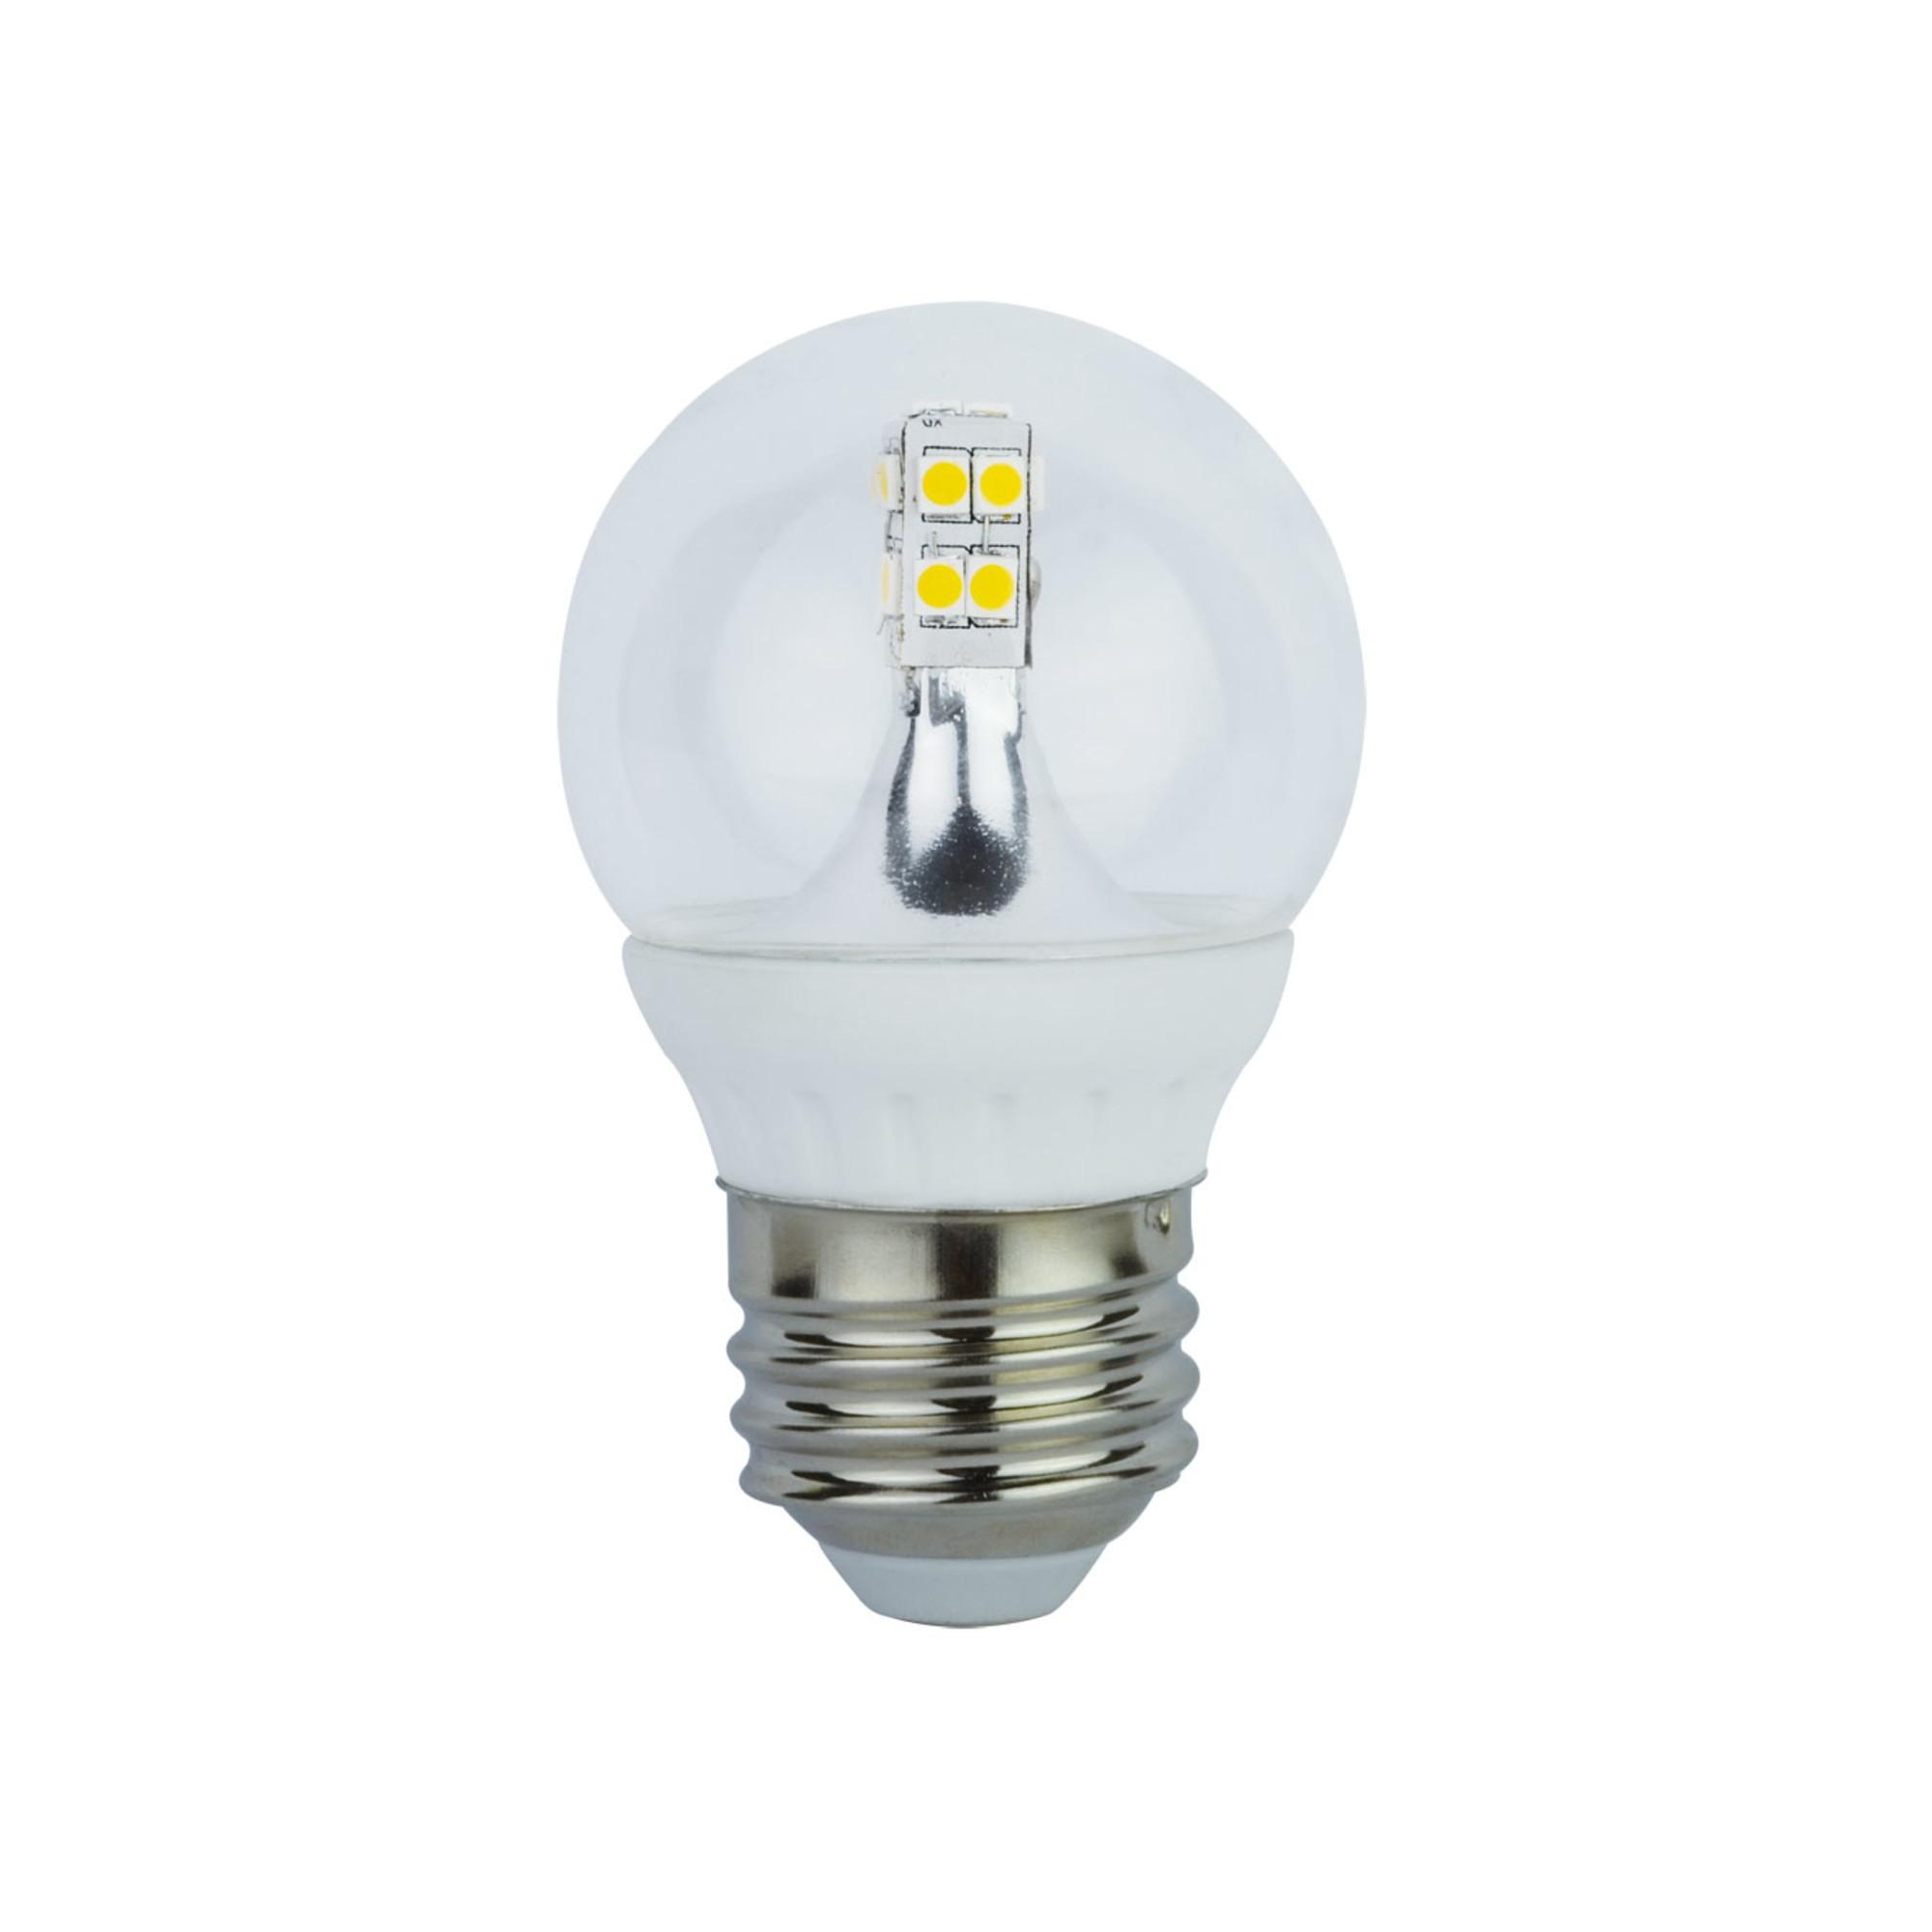 Лампа Ecola стандарт светодионая E27 4 Вт шар 280 Лм нейтральный свет